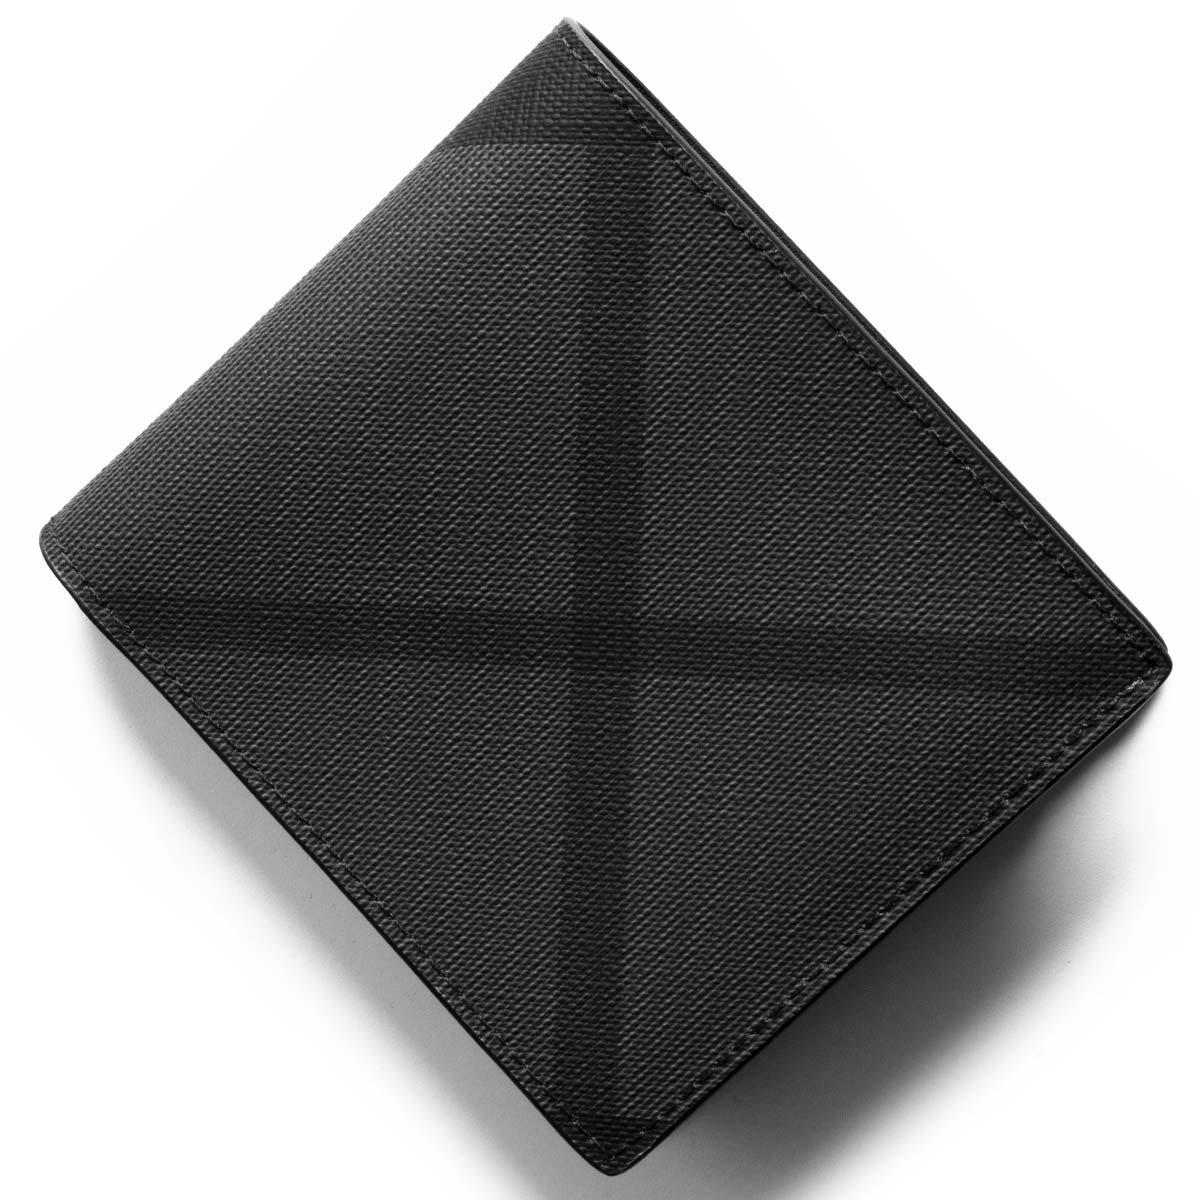 size 40 30376 df0f6 バーバリー 二つ折り財布 財布 メンズ シーシービル ロンドンチェック チャコールグレー&ブラック 8006028 A1008 BURBERRY